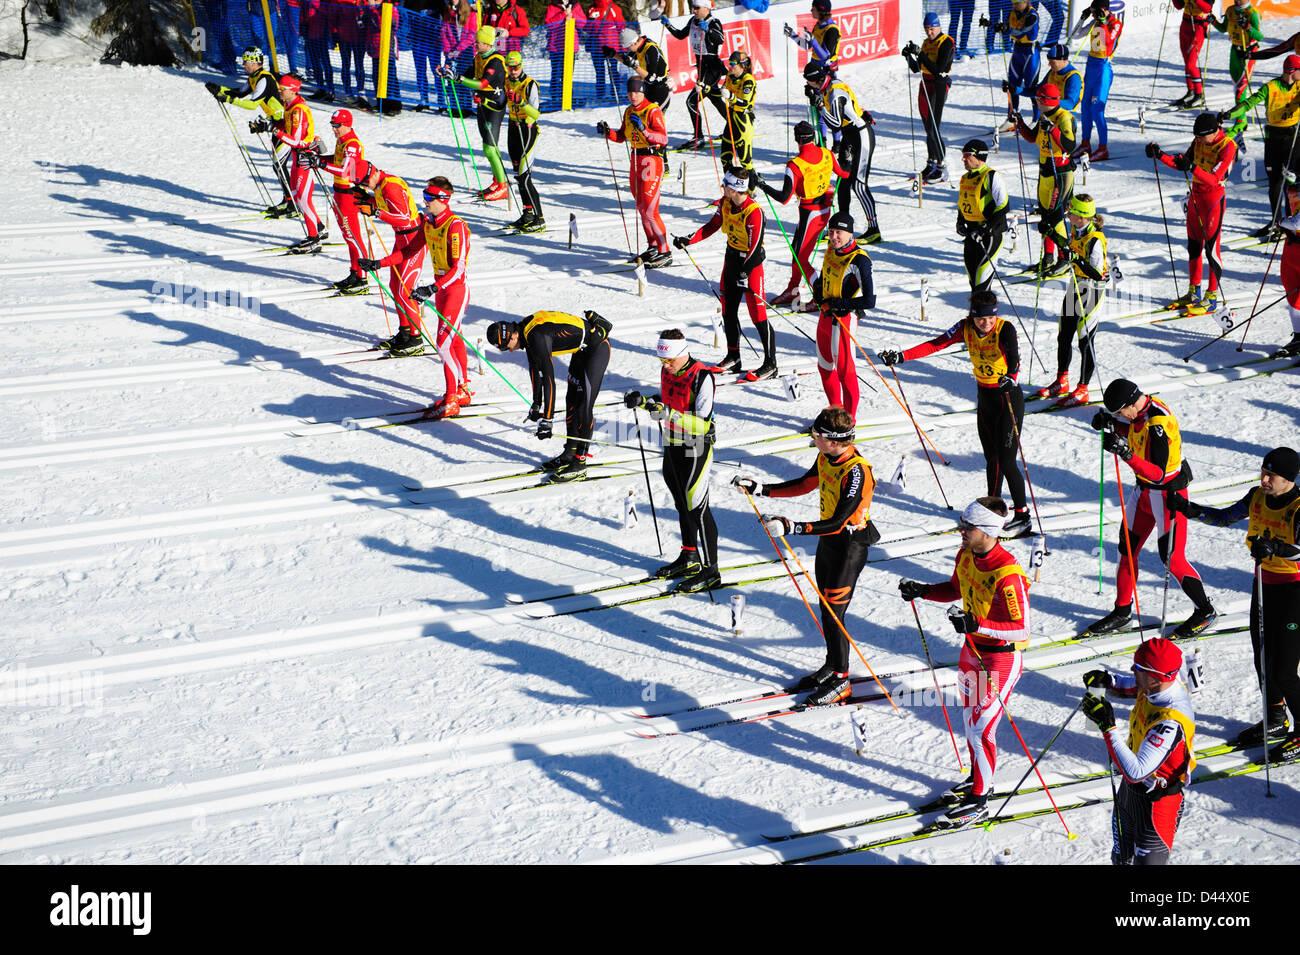 Une vue de la première ligne des participants de l'Bieg Piastow cross-country, Jakuszyce, Pologne. Banque D'Images